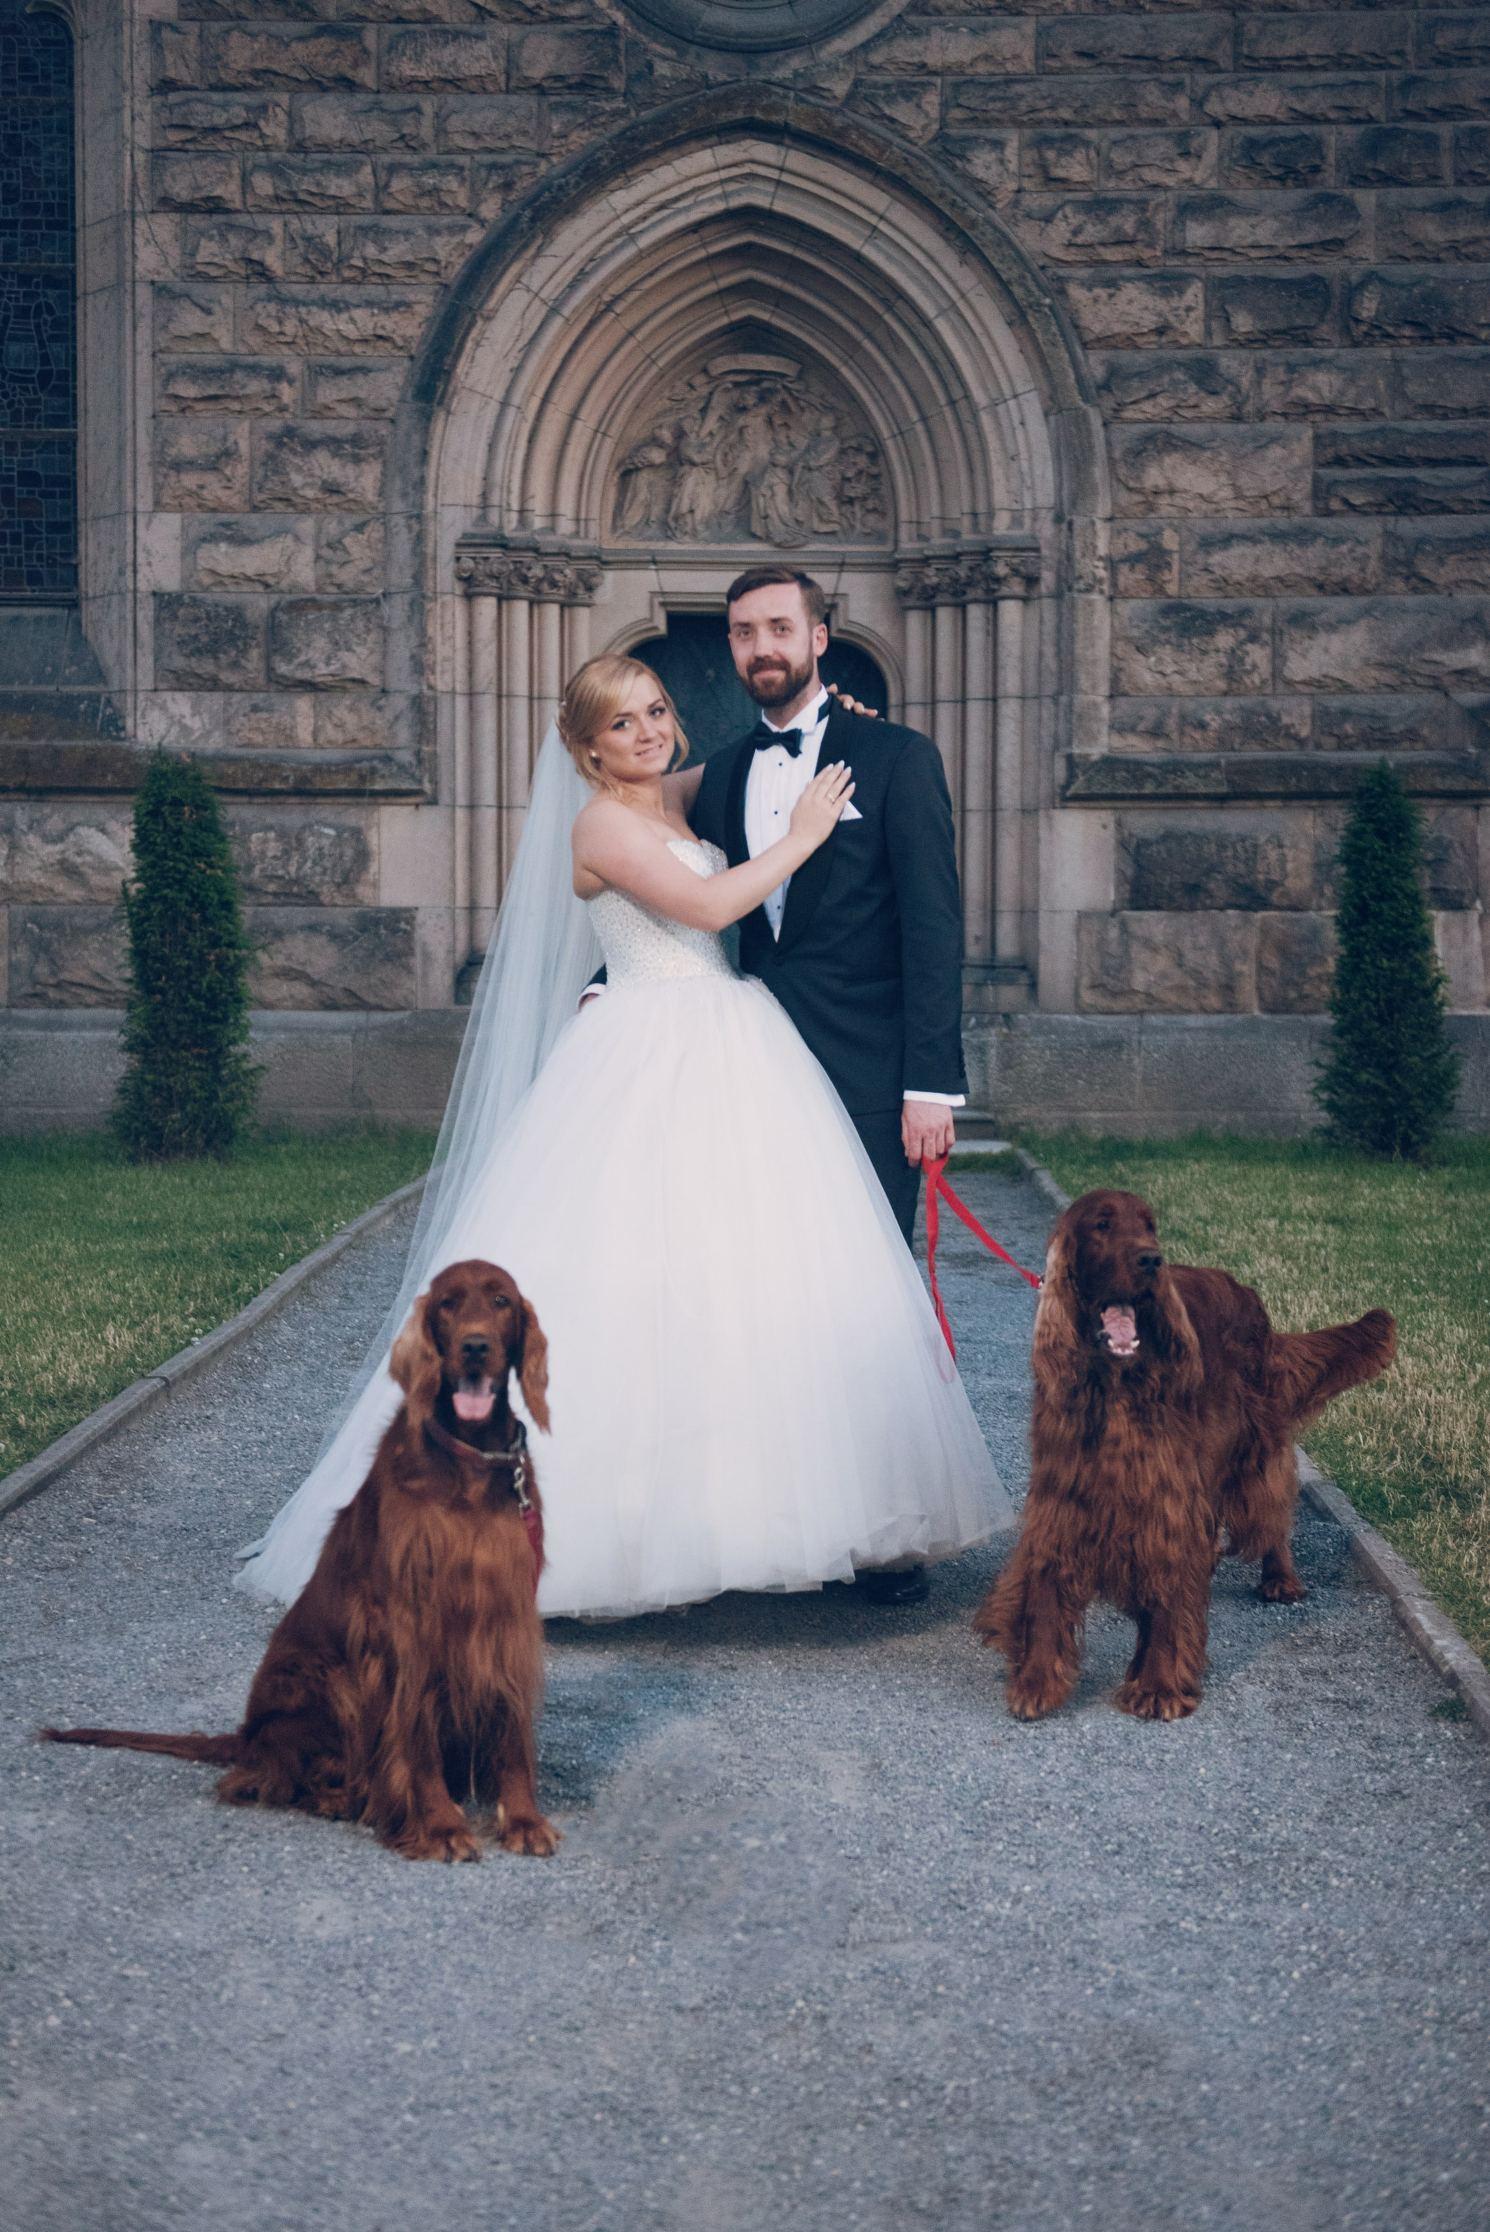 imperialsetter hodowla seterów irlandzkich, szkockich i cocker spanieli amerykańskich zdjęcie ślubne właścicieli przed pałacem